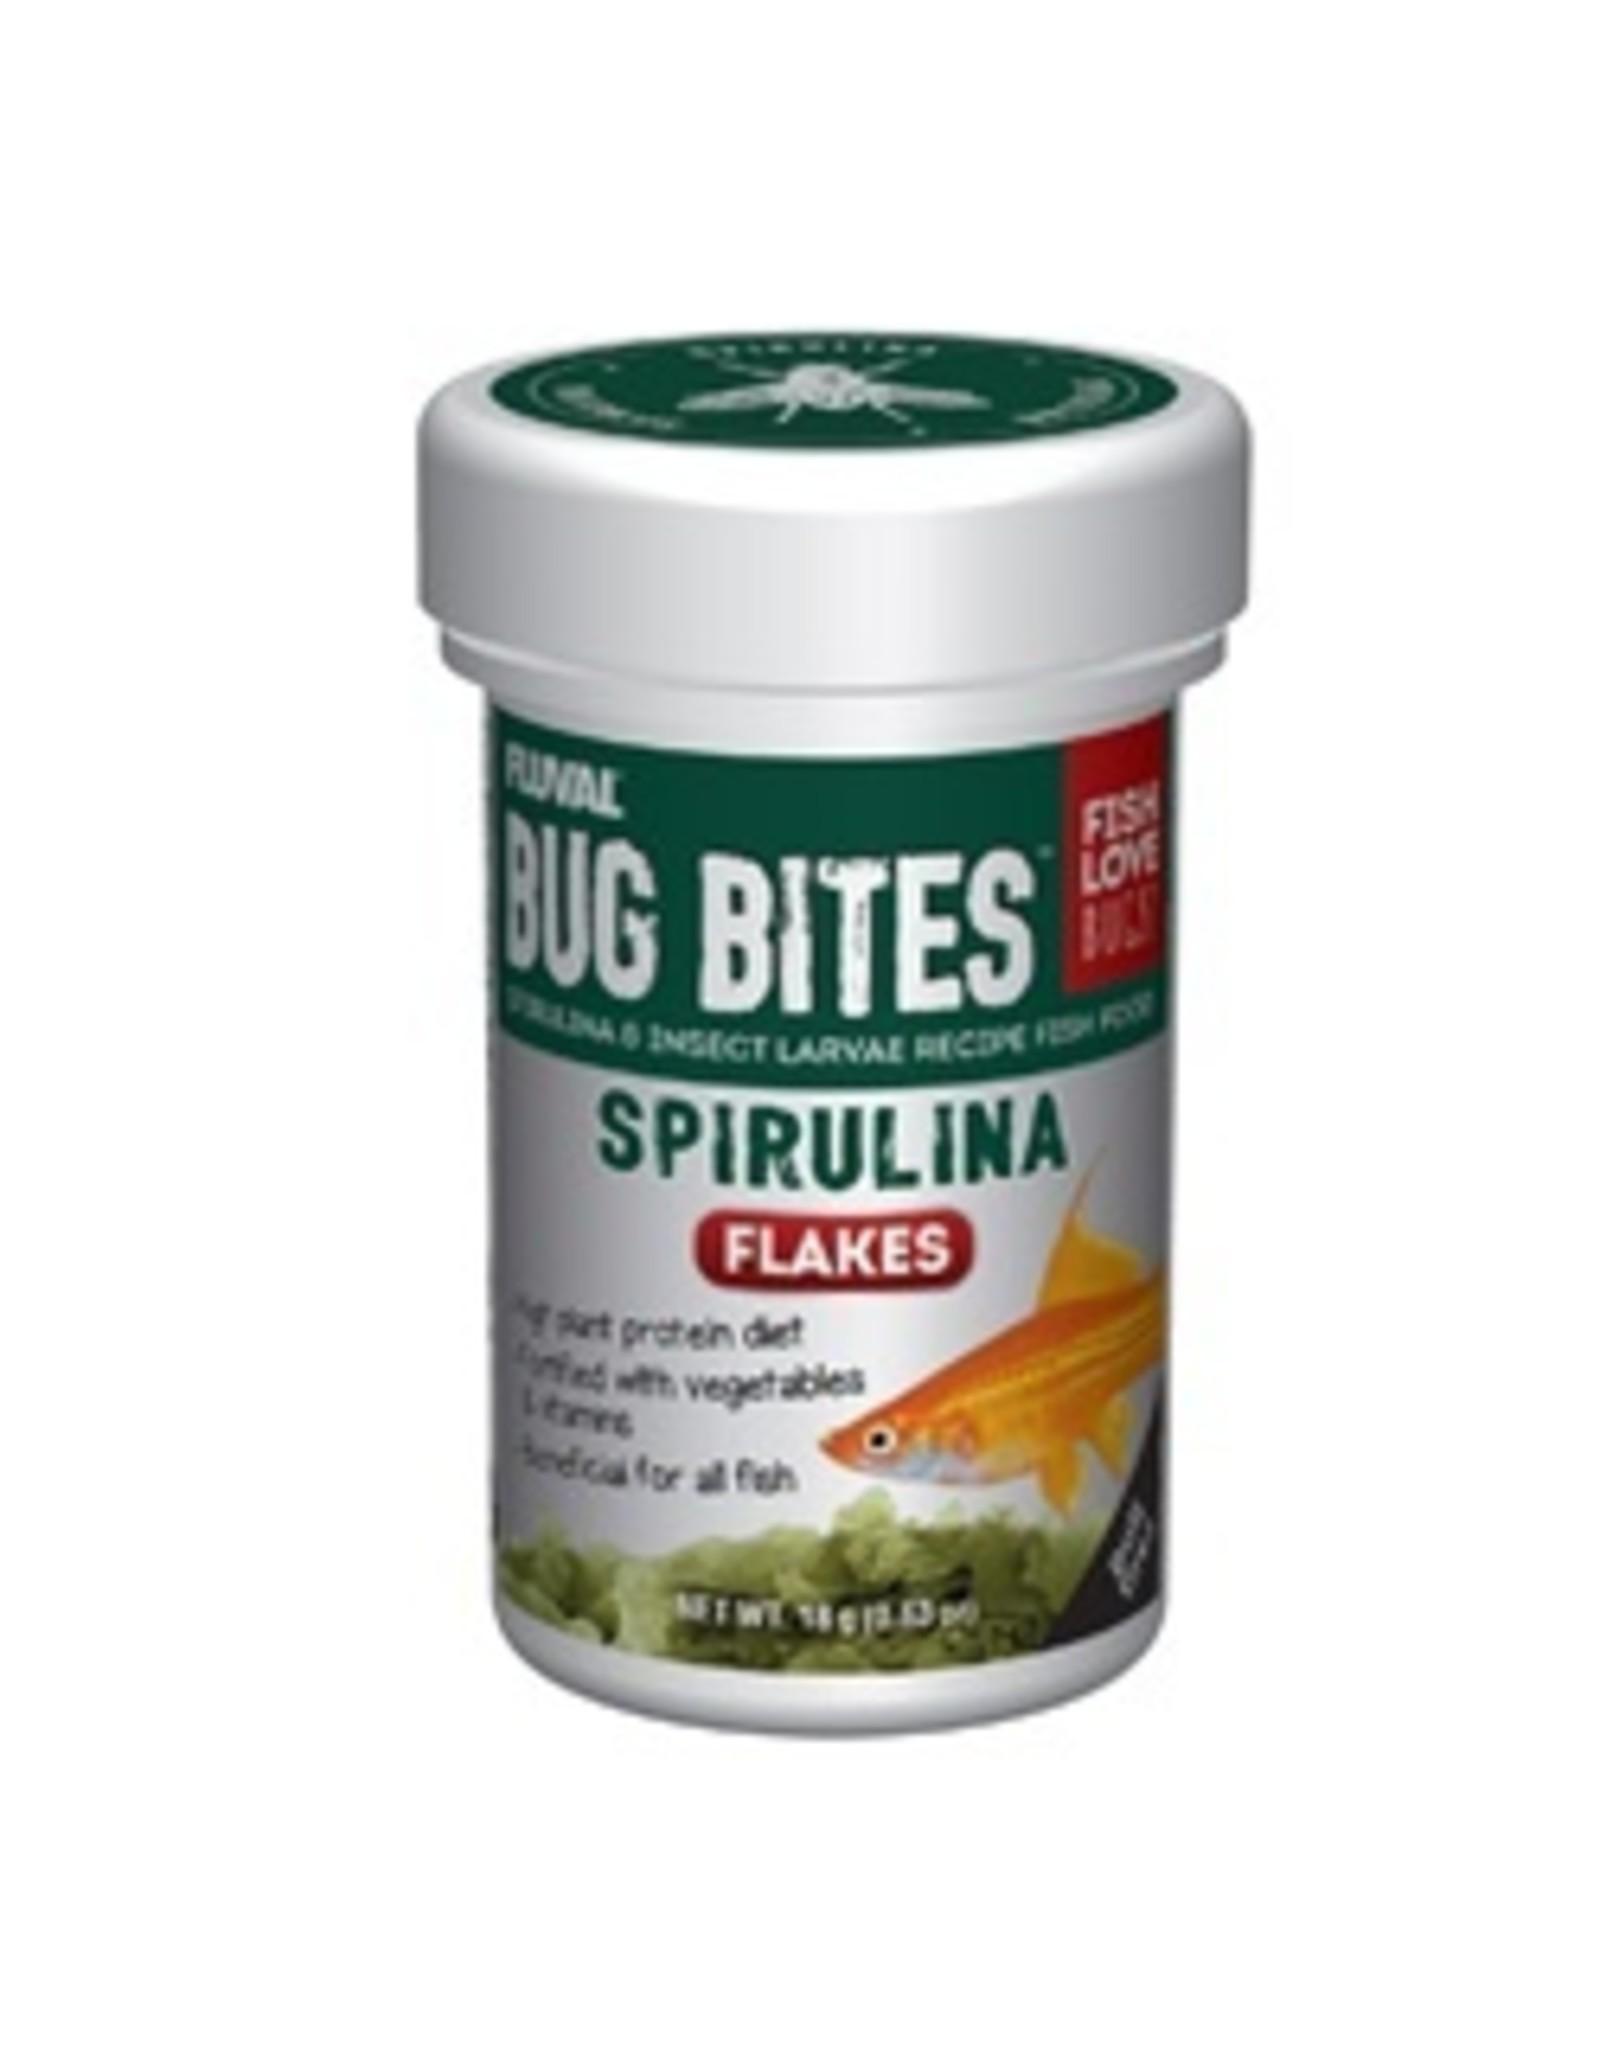 FL - Fluval Fluval Bug Bites Spirulina Flakes 18g